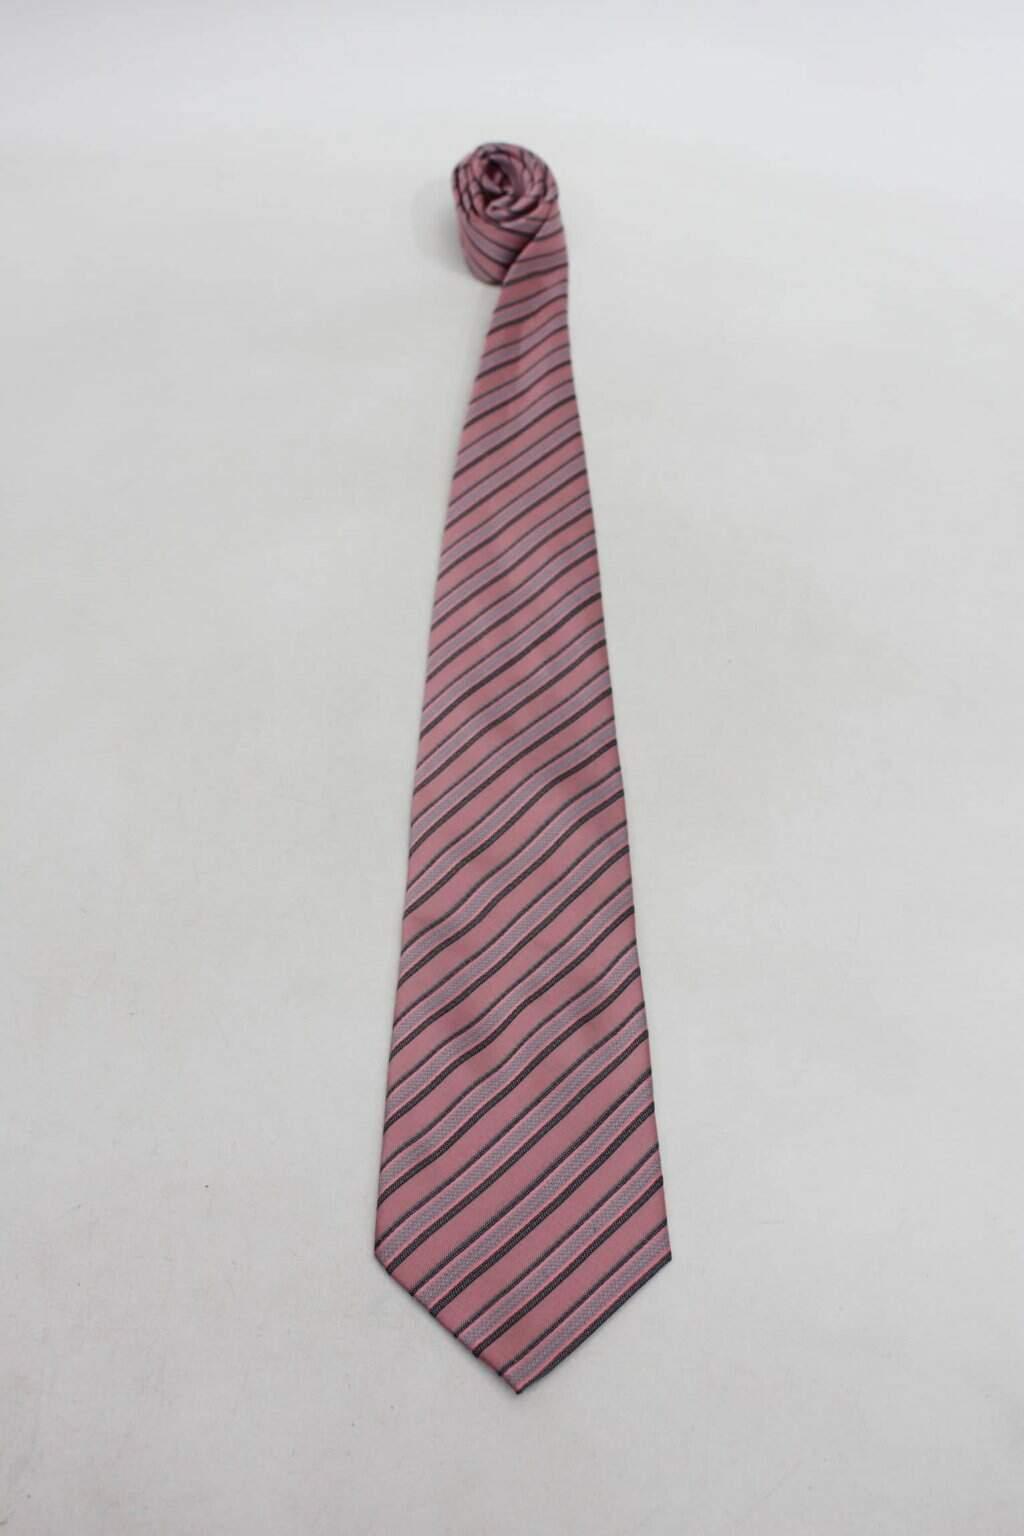 Gravata rosa listrada tng